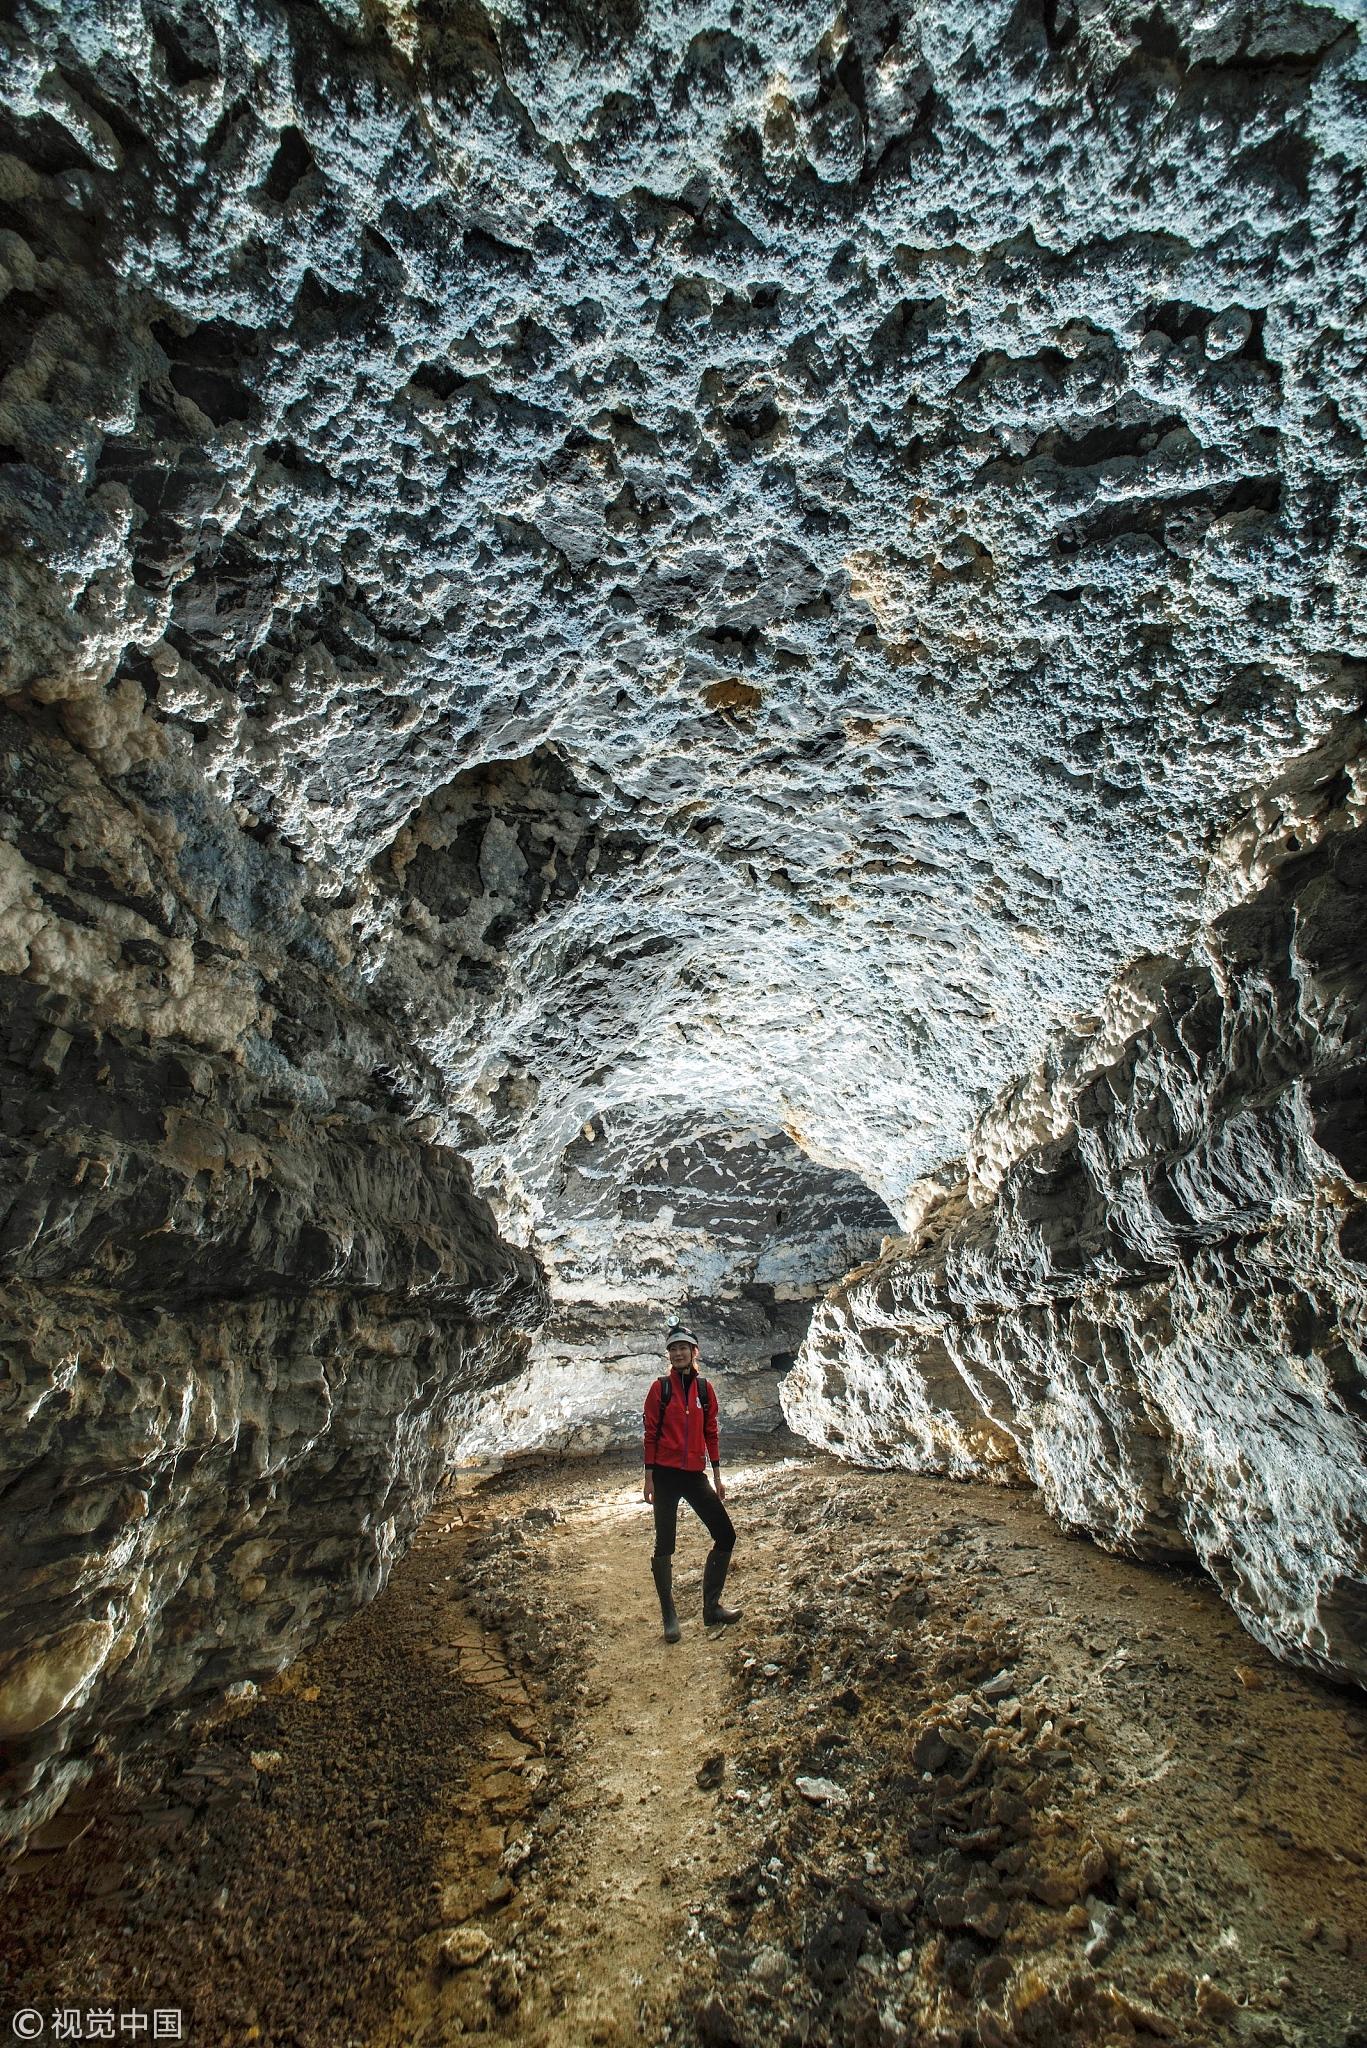 贵州绥阳双河洞成亚洲最长洞穴 ! - 周公乐 - xinhua8848 的博客